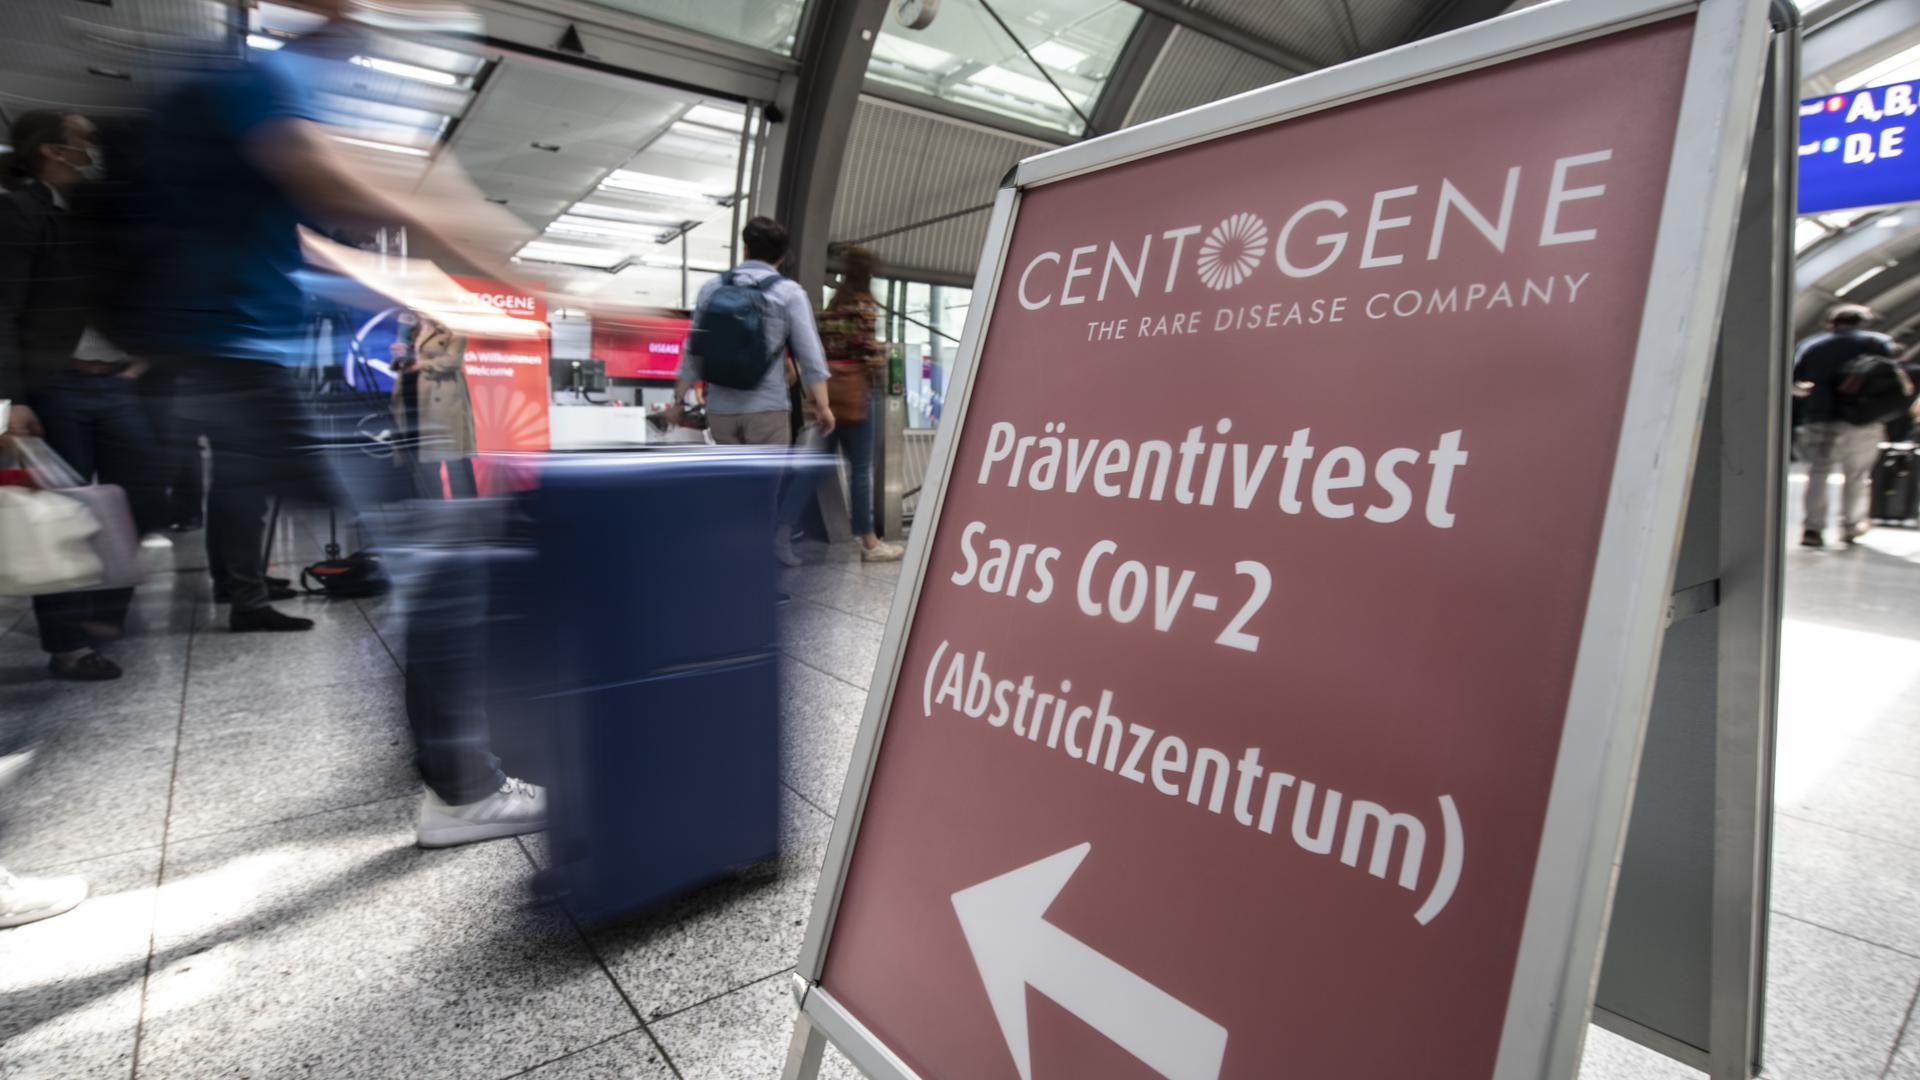 Zum Themendienst-Bericht von Jule Zentek vom 30. Juni 2020:Hier geht's lang zumCoronatest: AmFrankfurter Flughafen können sich Passagiere künftig vor dem Abflug auf eine Infektion mit dem Virus testen lassen.